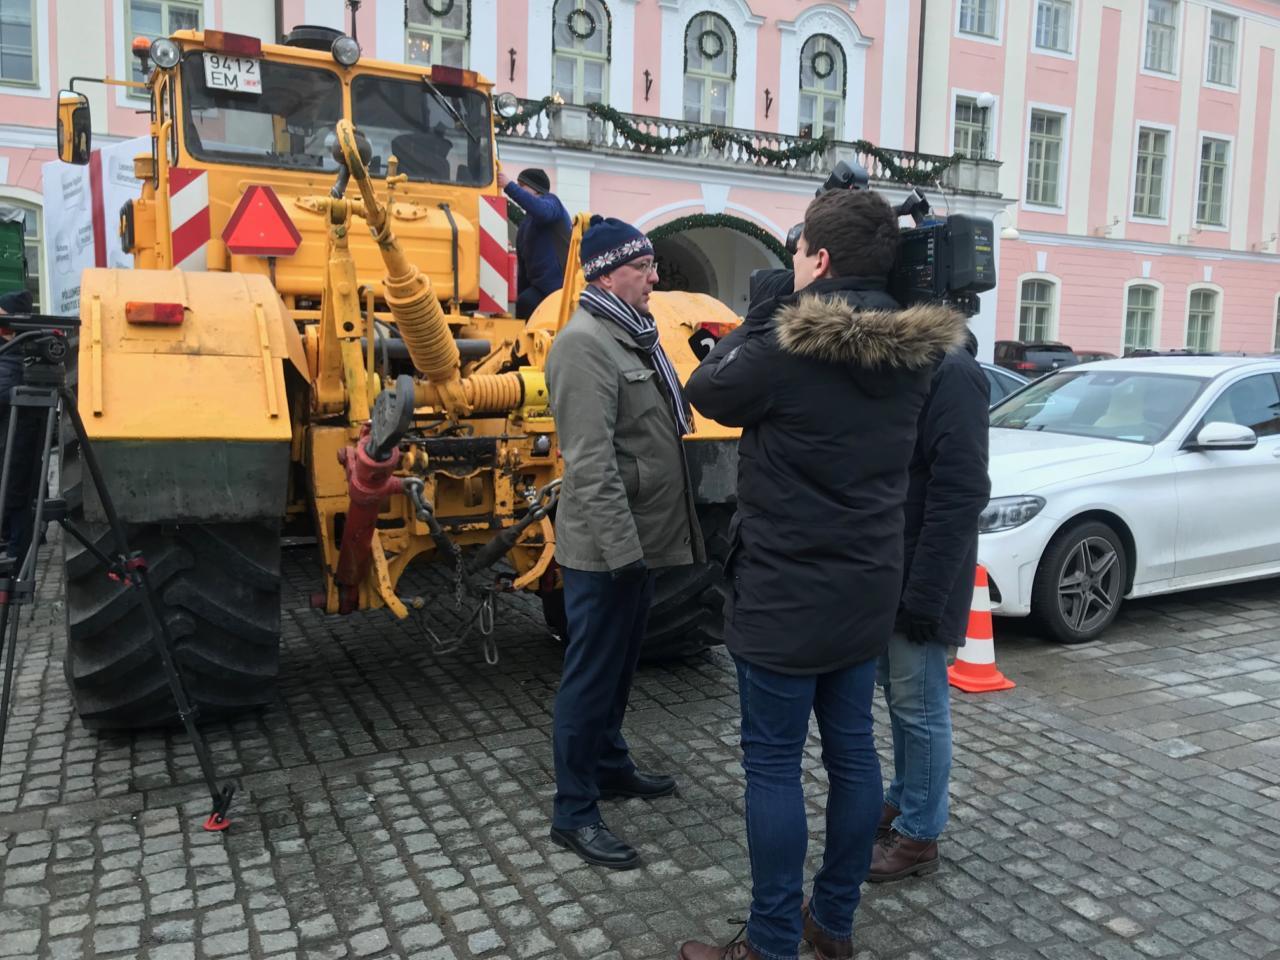 Põllumehed toetasid Martin Helmet Toompeal ja kinkisid Riigikogu liikmetele mängutraktorid